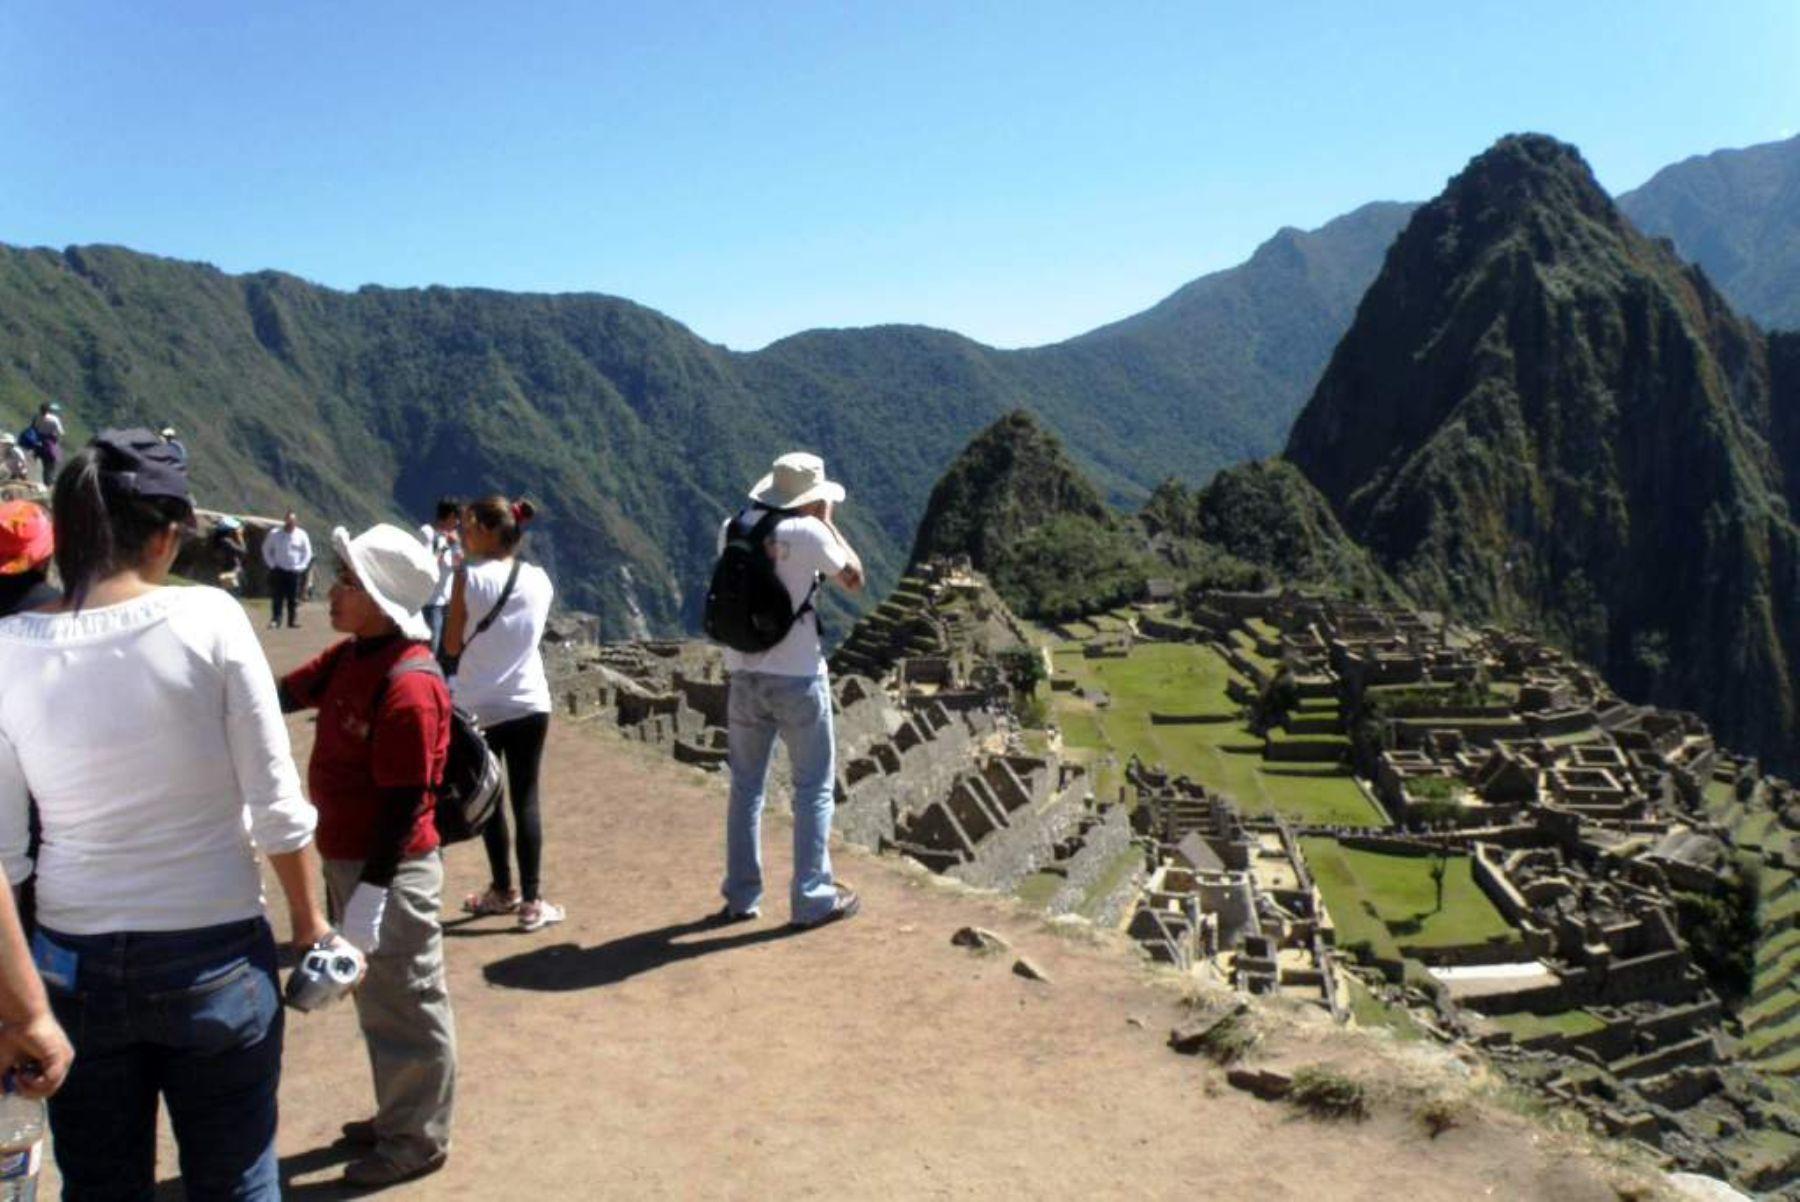 Ejecutan labores de prevención ante posibles incendios forestales en Machu Picchu. Foto: ANDINA/Percy Hurtado.